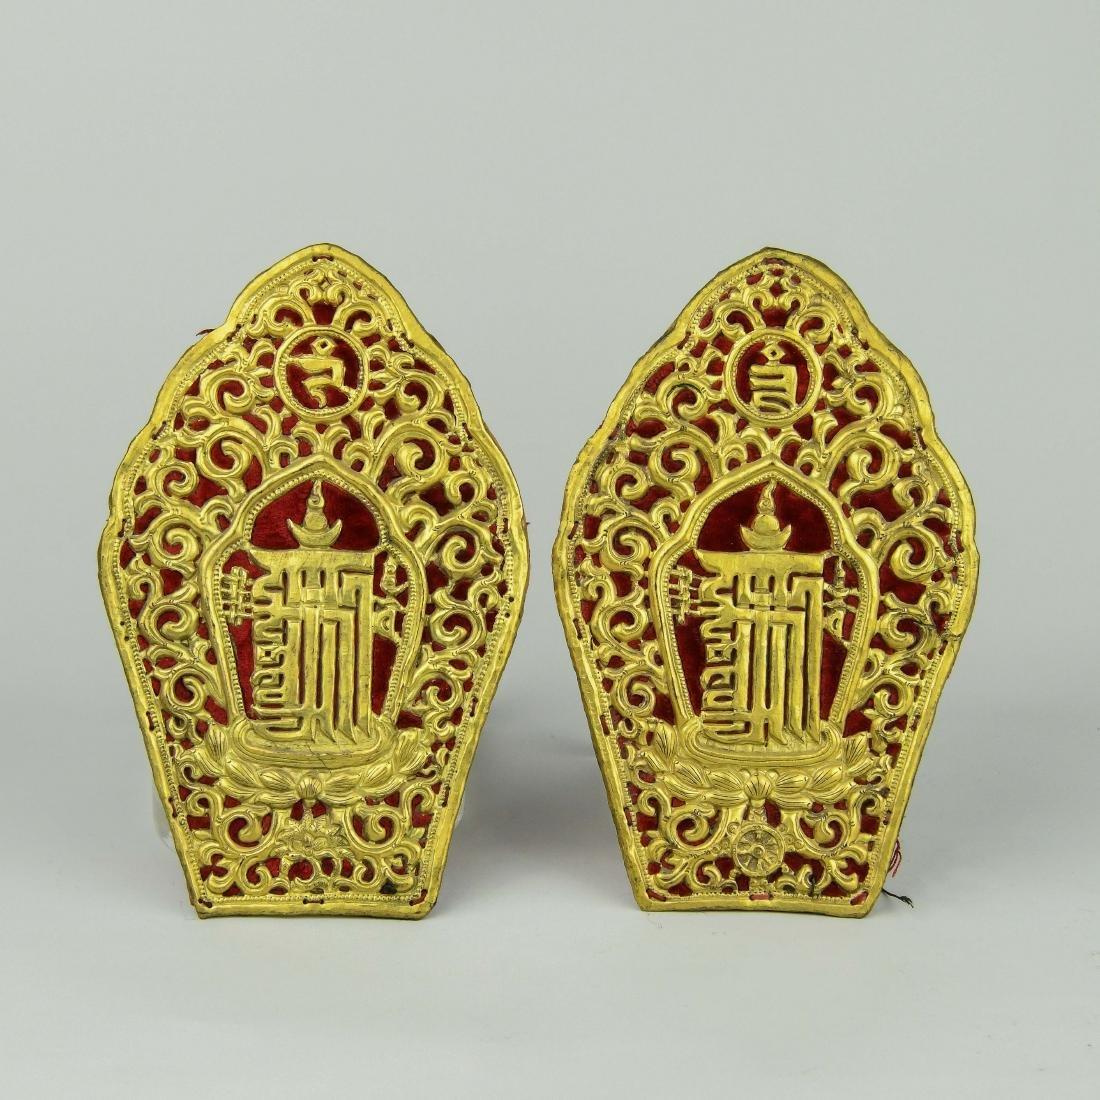 A Pair of Chinese Gilt Bronze Buddha Shrine